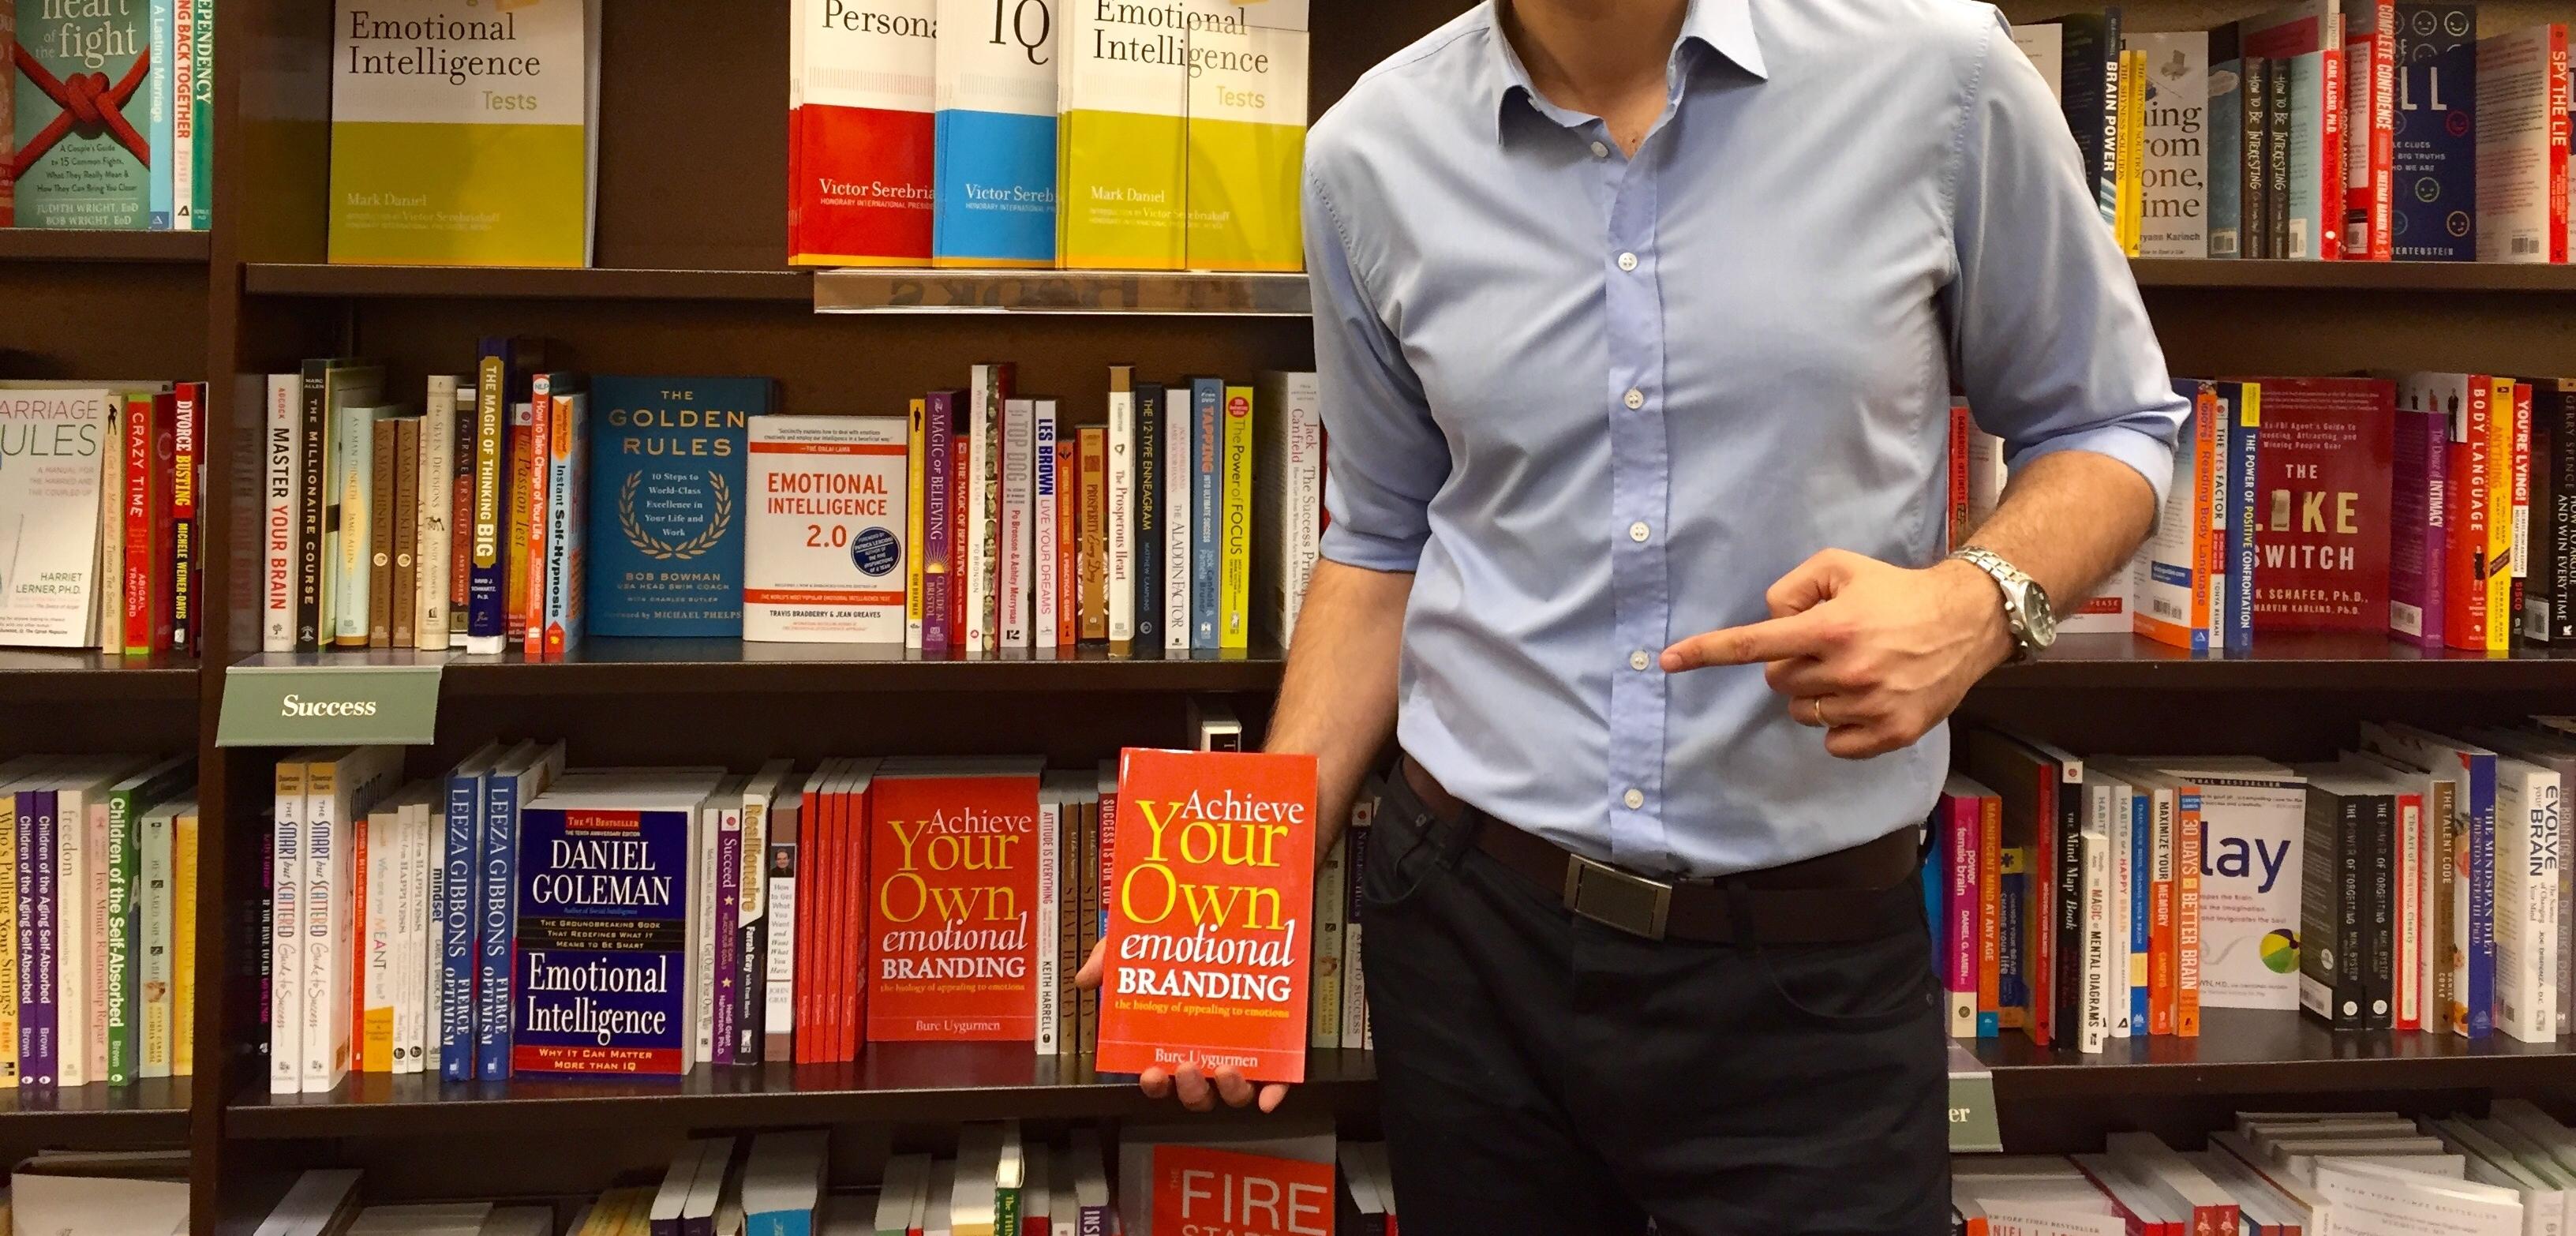 Barnes & Noble'da Kendi Kitabını Görmek Paha Biçilemez